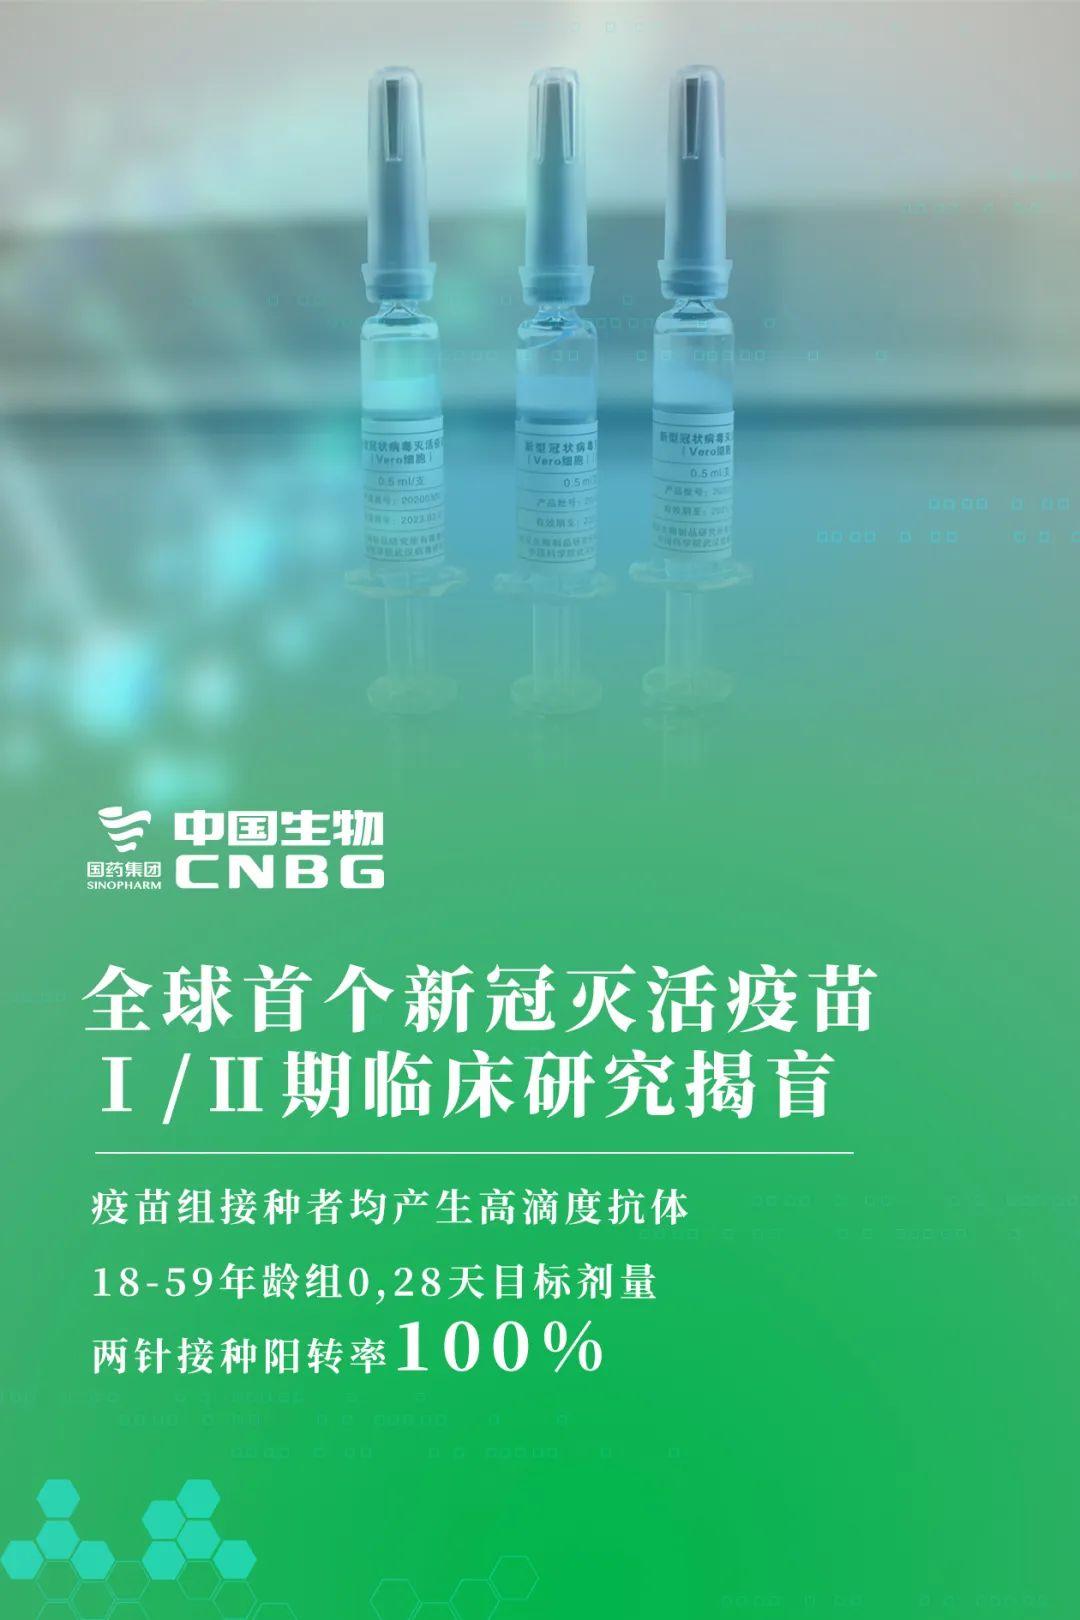 【寿光民生网】_全球首个!中国新冠灭活疫苗Ⅰ/Ⅱ期临床研究揭盲:中和抗体阳转率100%!